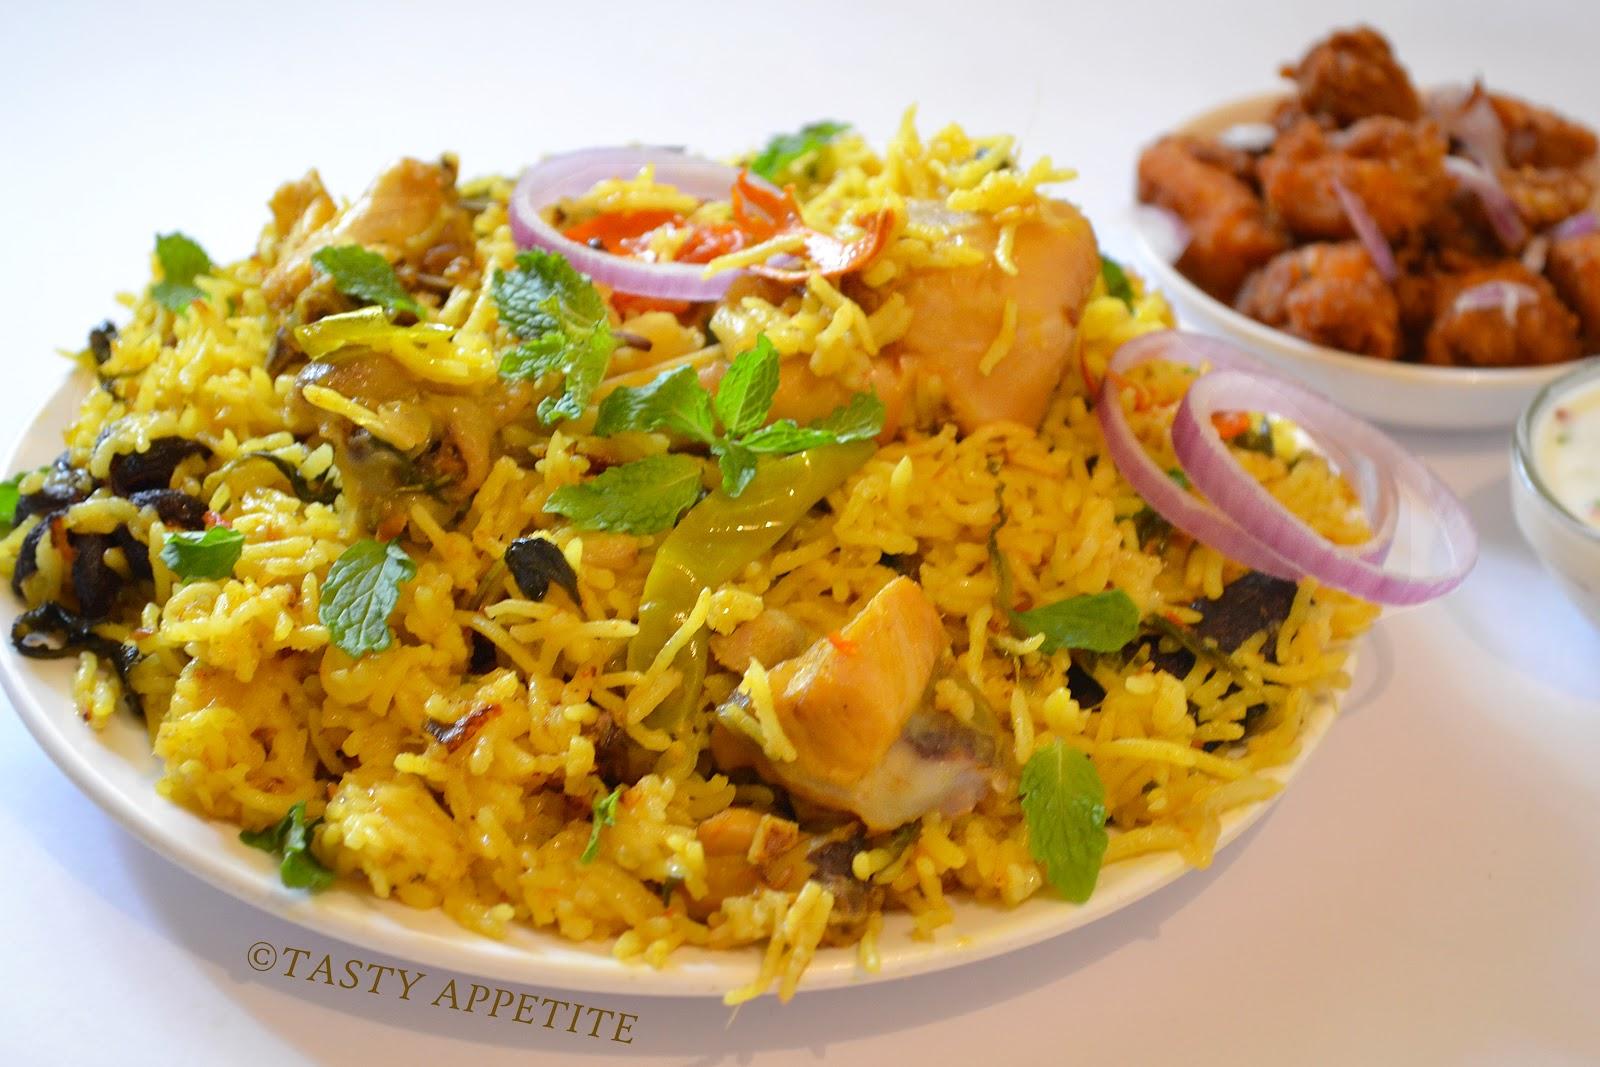 Turmeric In Non Indian Food